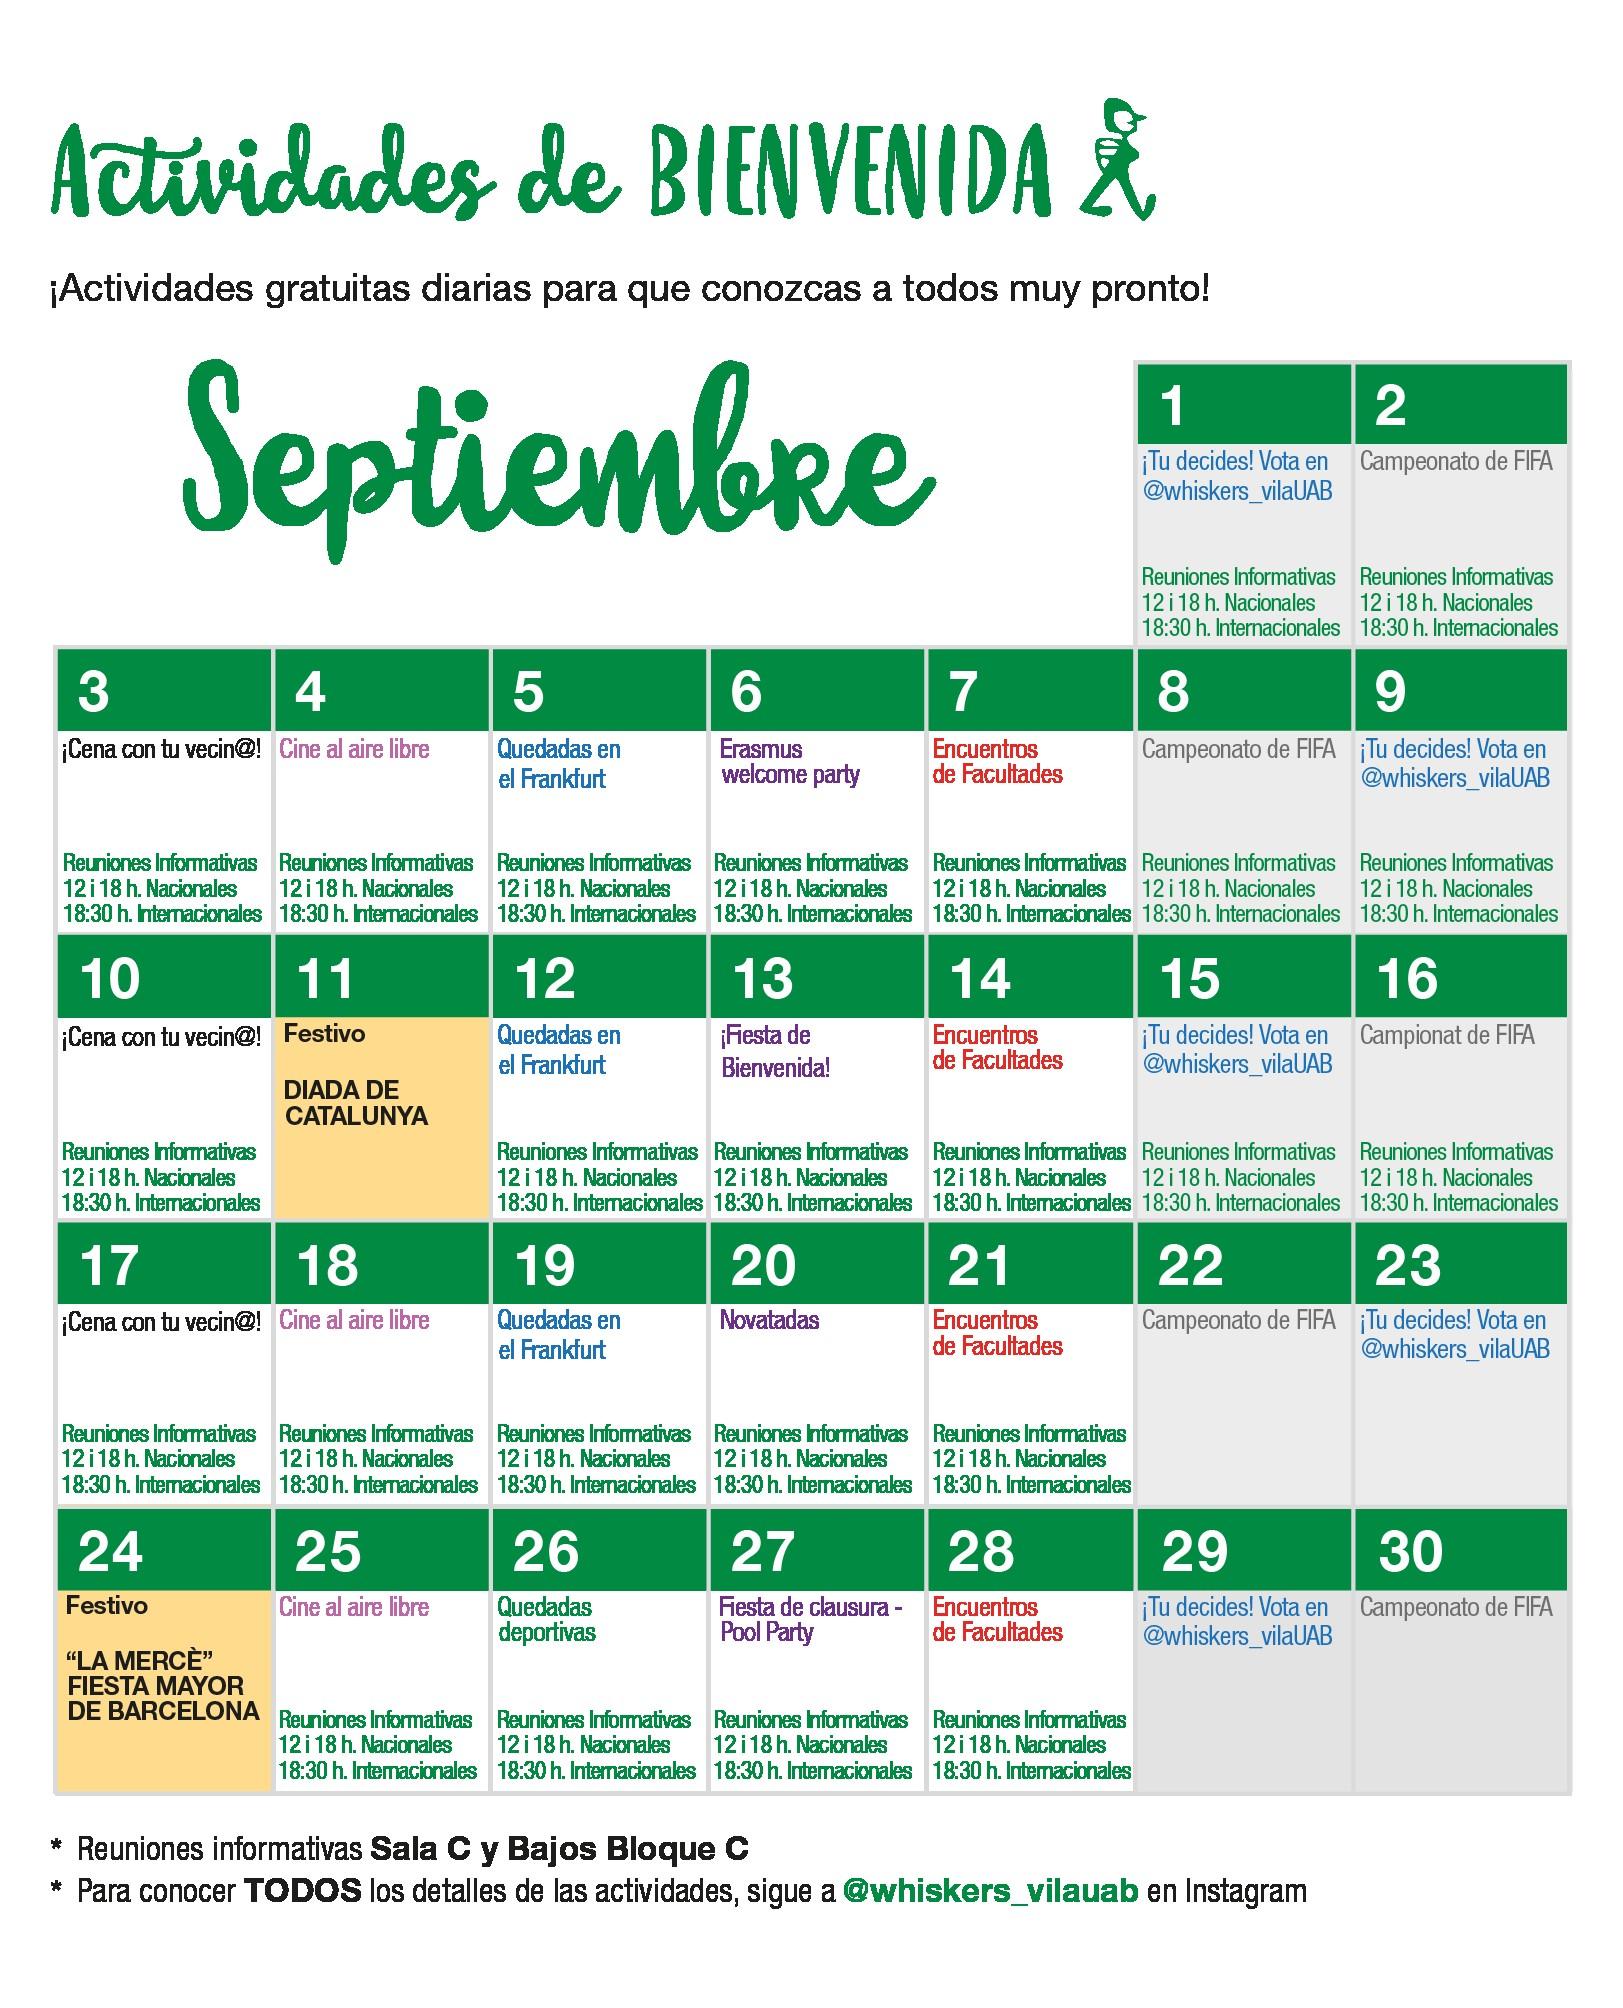 Calendario De Fiestas Catalunya 2019 Más Recientes Informaci³n ºtil Para Residentes Renovadores De Vila Universitria Of Calendario De Fiestas Catalunya 2019 Más Recientes Calendario 2019 Para Imprimir Icalendario